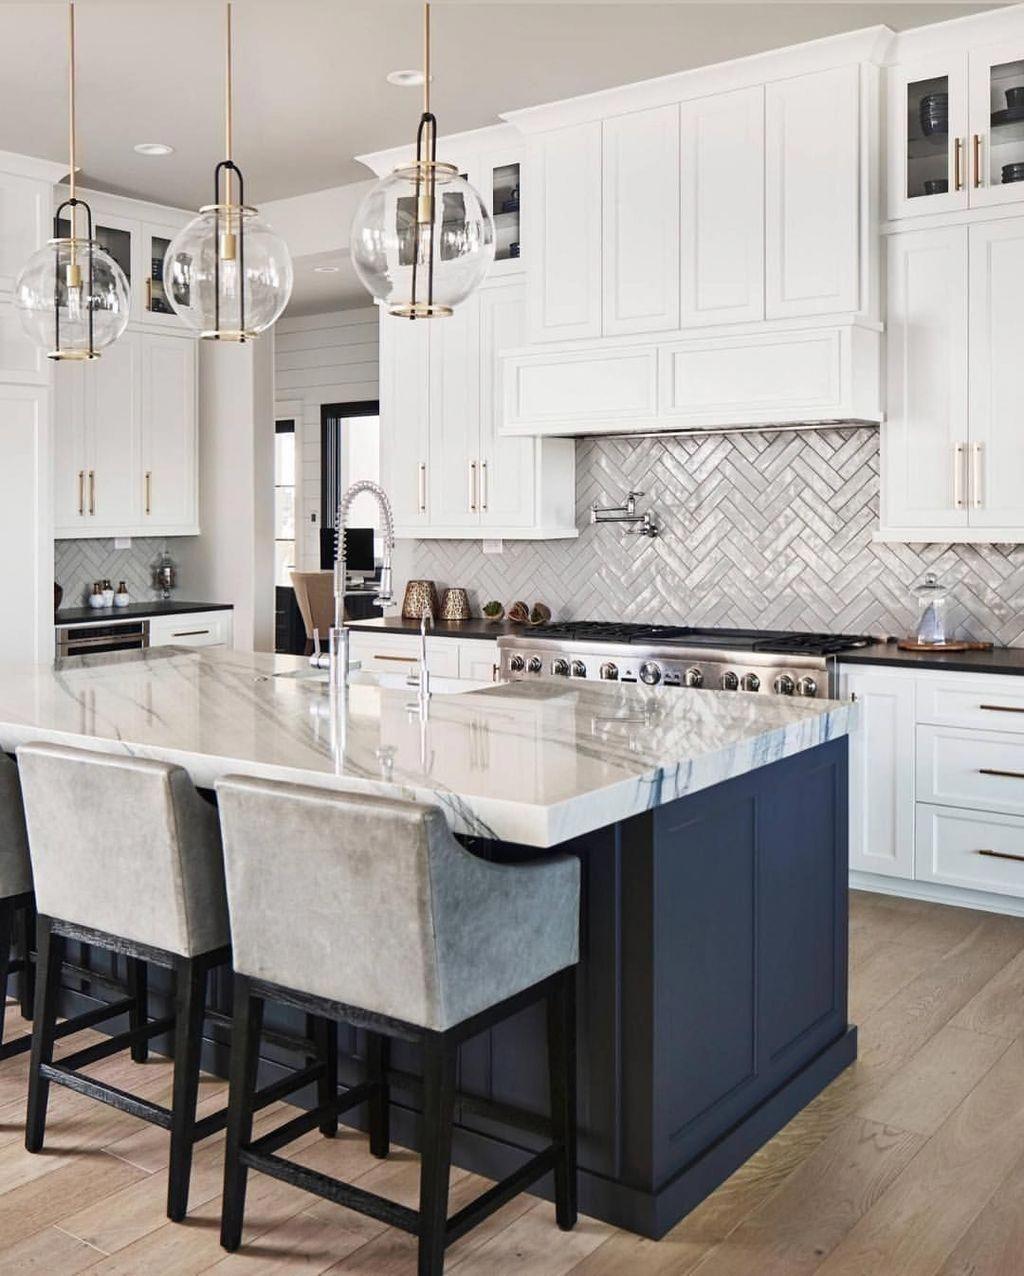 15 Spectacular Kitchen Island Ideas In 2020 Kitchenislandideasnarrow Luxekitchenstyle Kitchen Design White Kitchen Design Kitchen Design Small